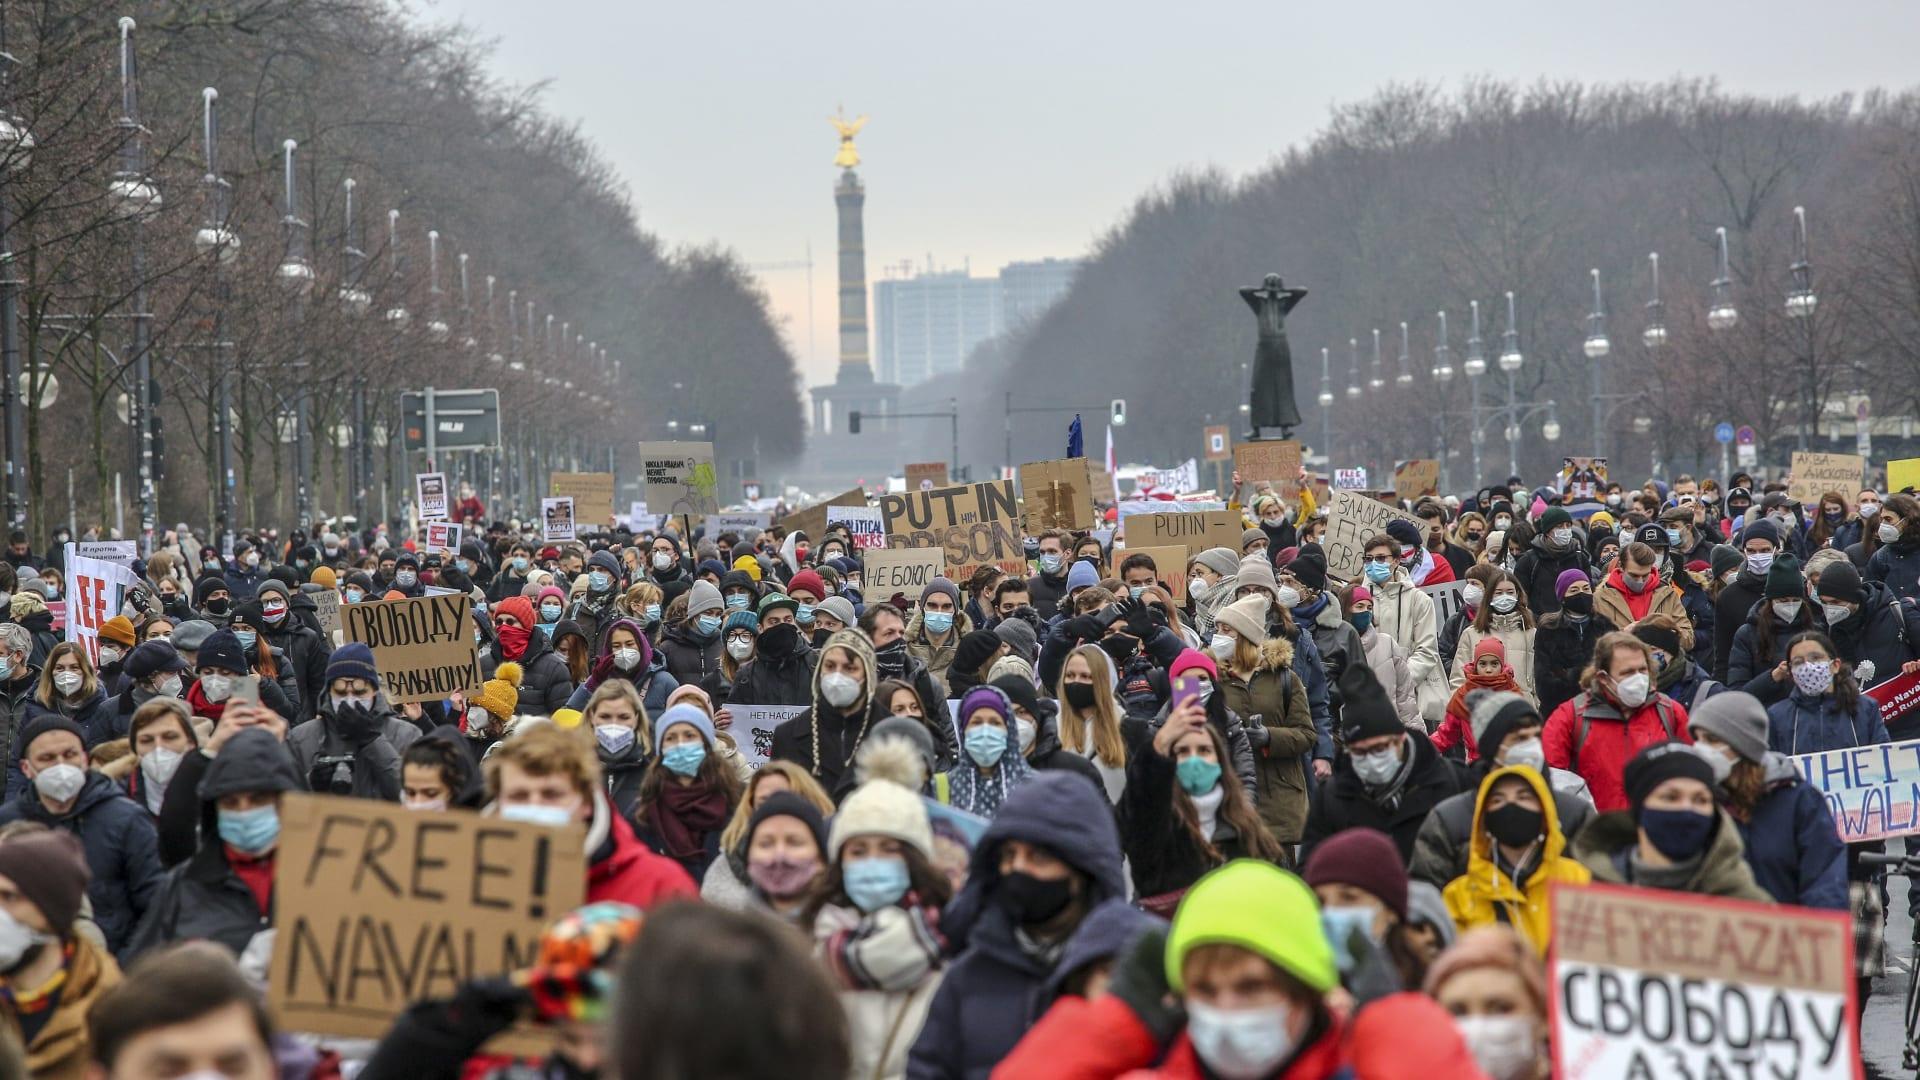 روسيا تطرد دبلوماسيين شاركوا باحتجاجات نافالني.. والاتحاد الأوروبي: نحتفظ بحق الرد